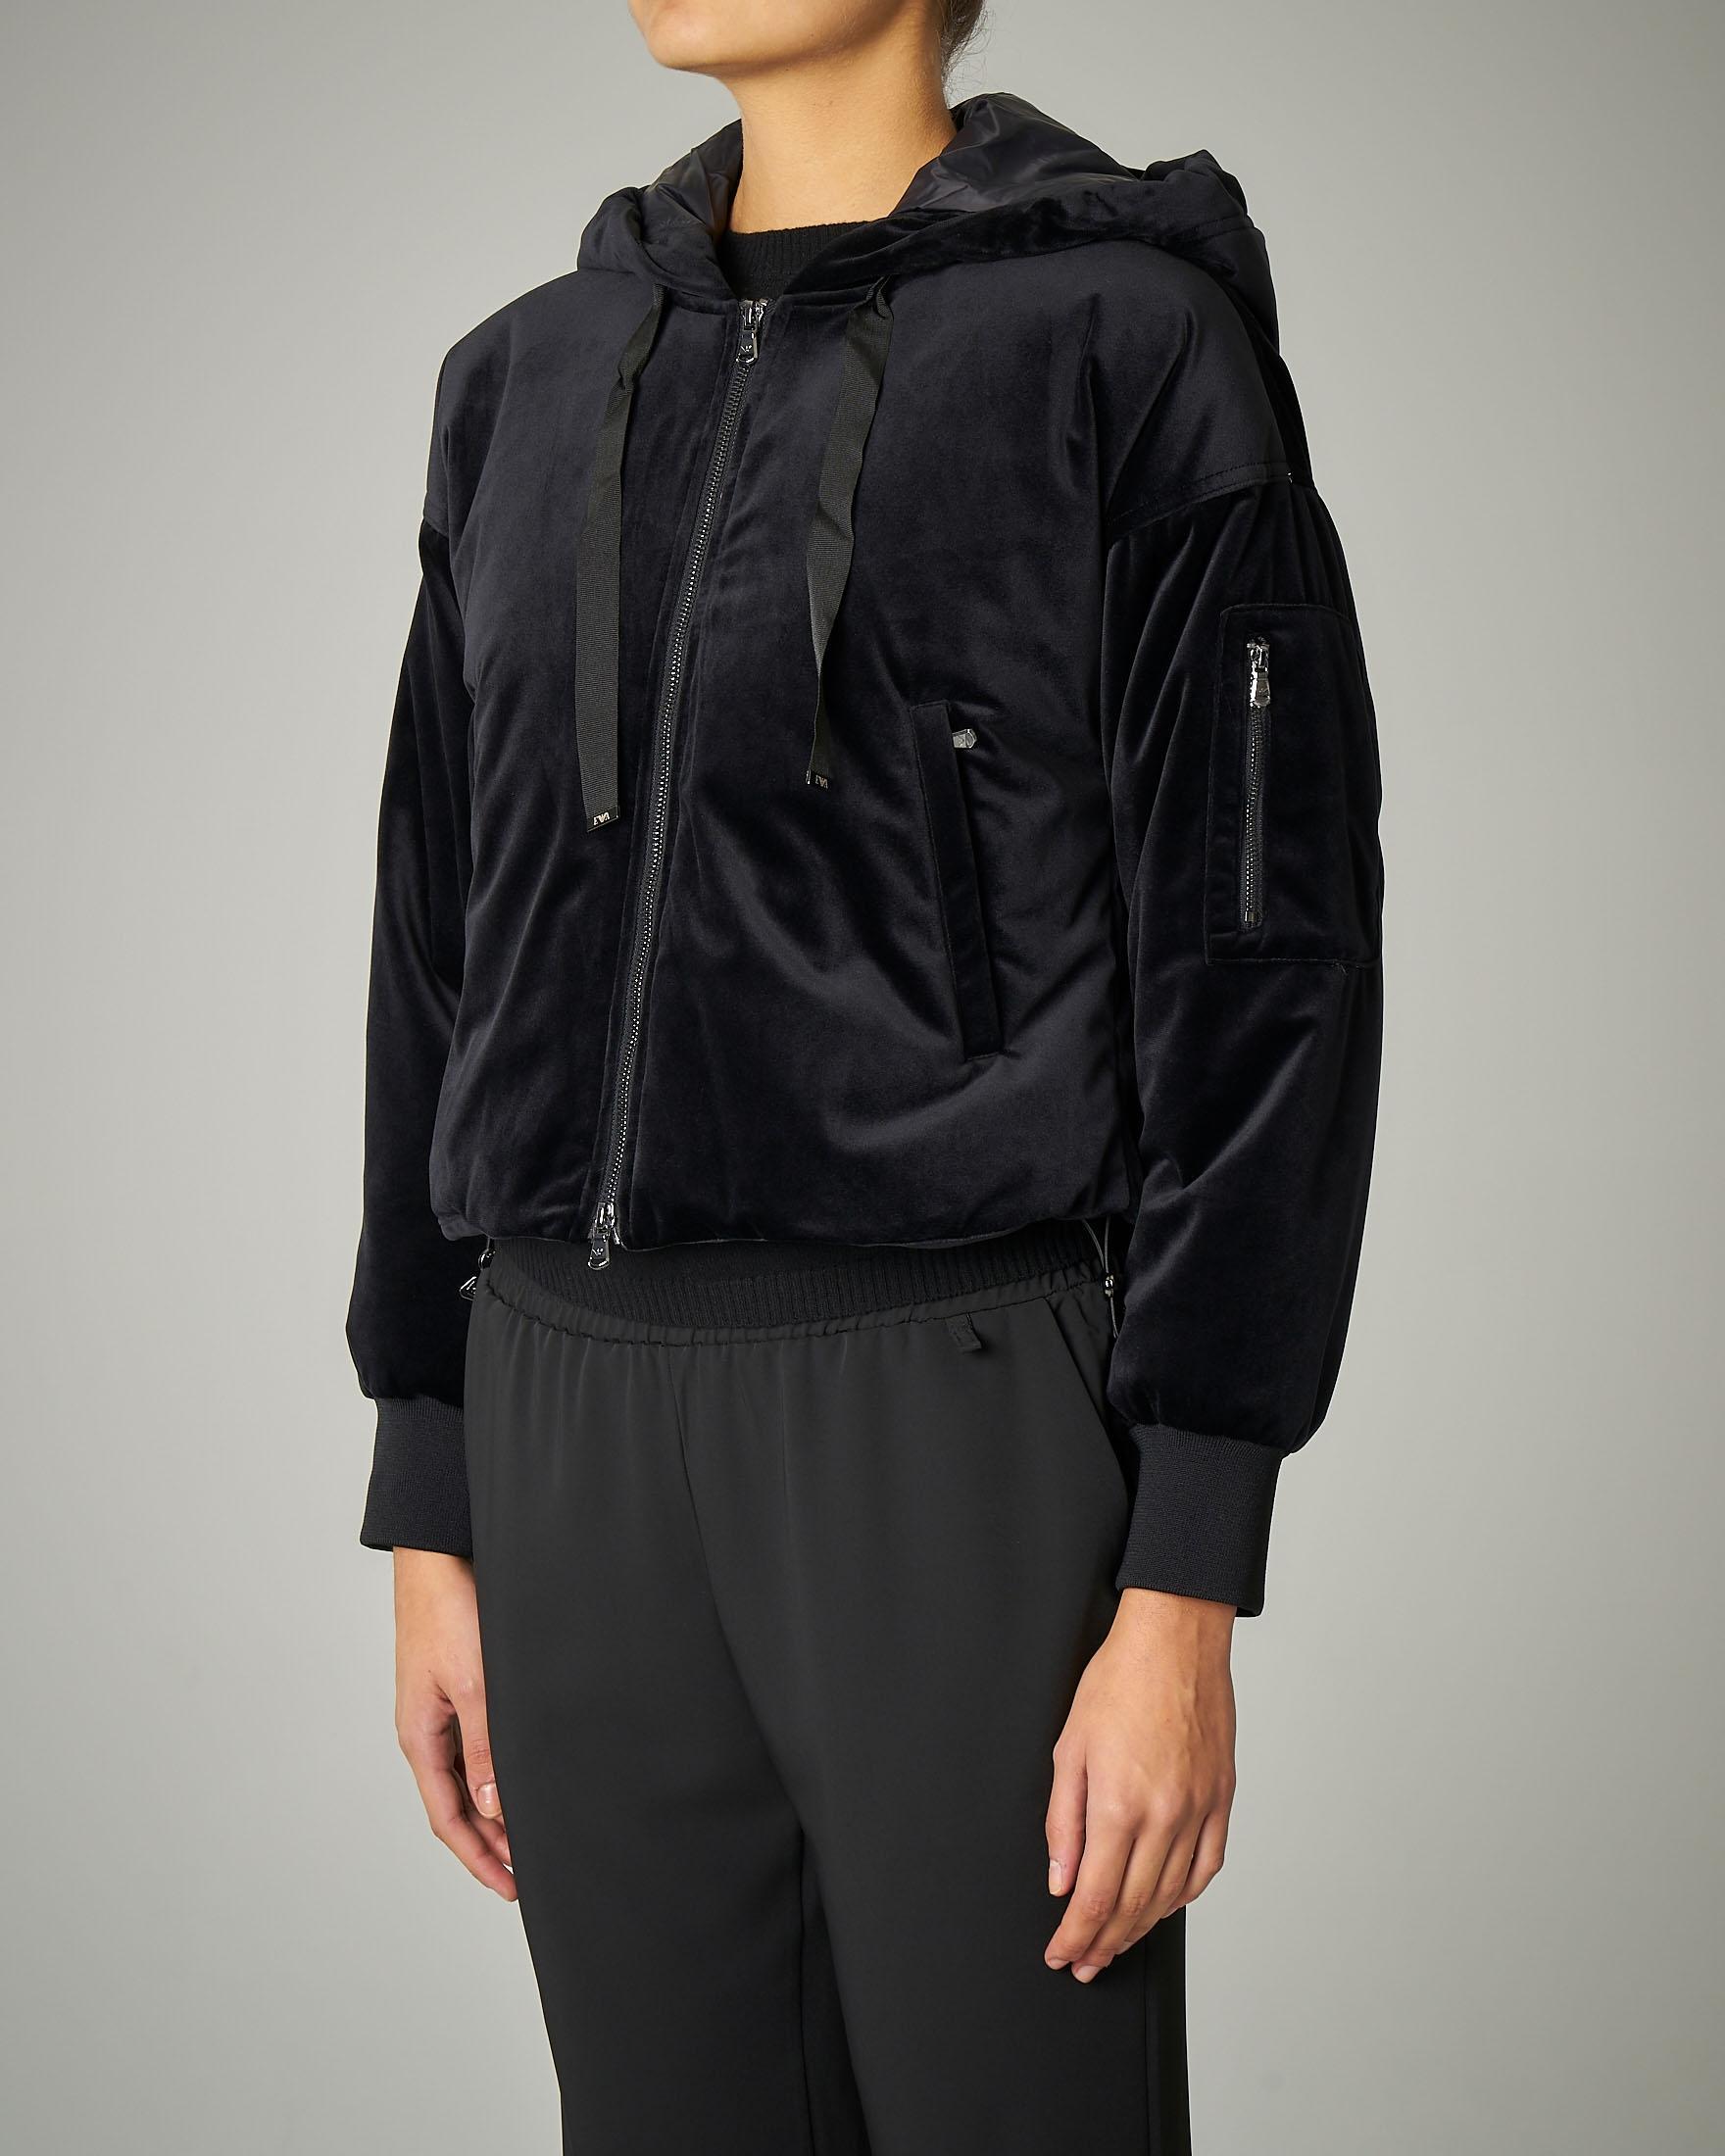 Bomber corto in velluto nero con cappuccio